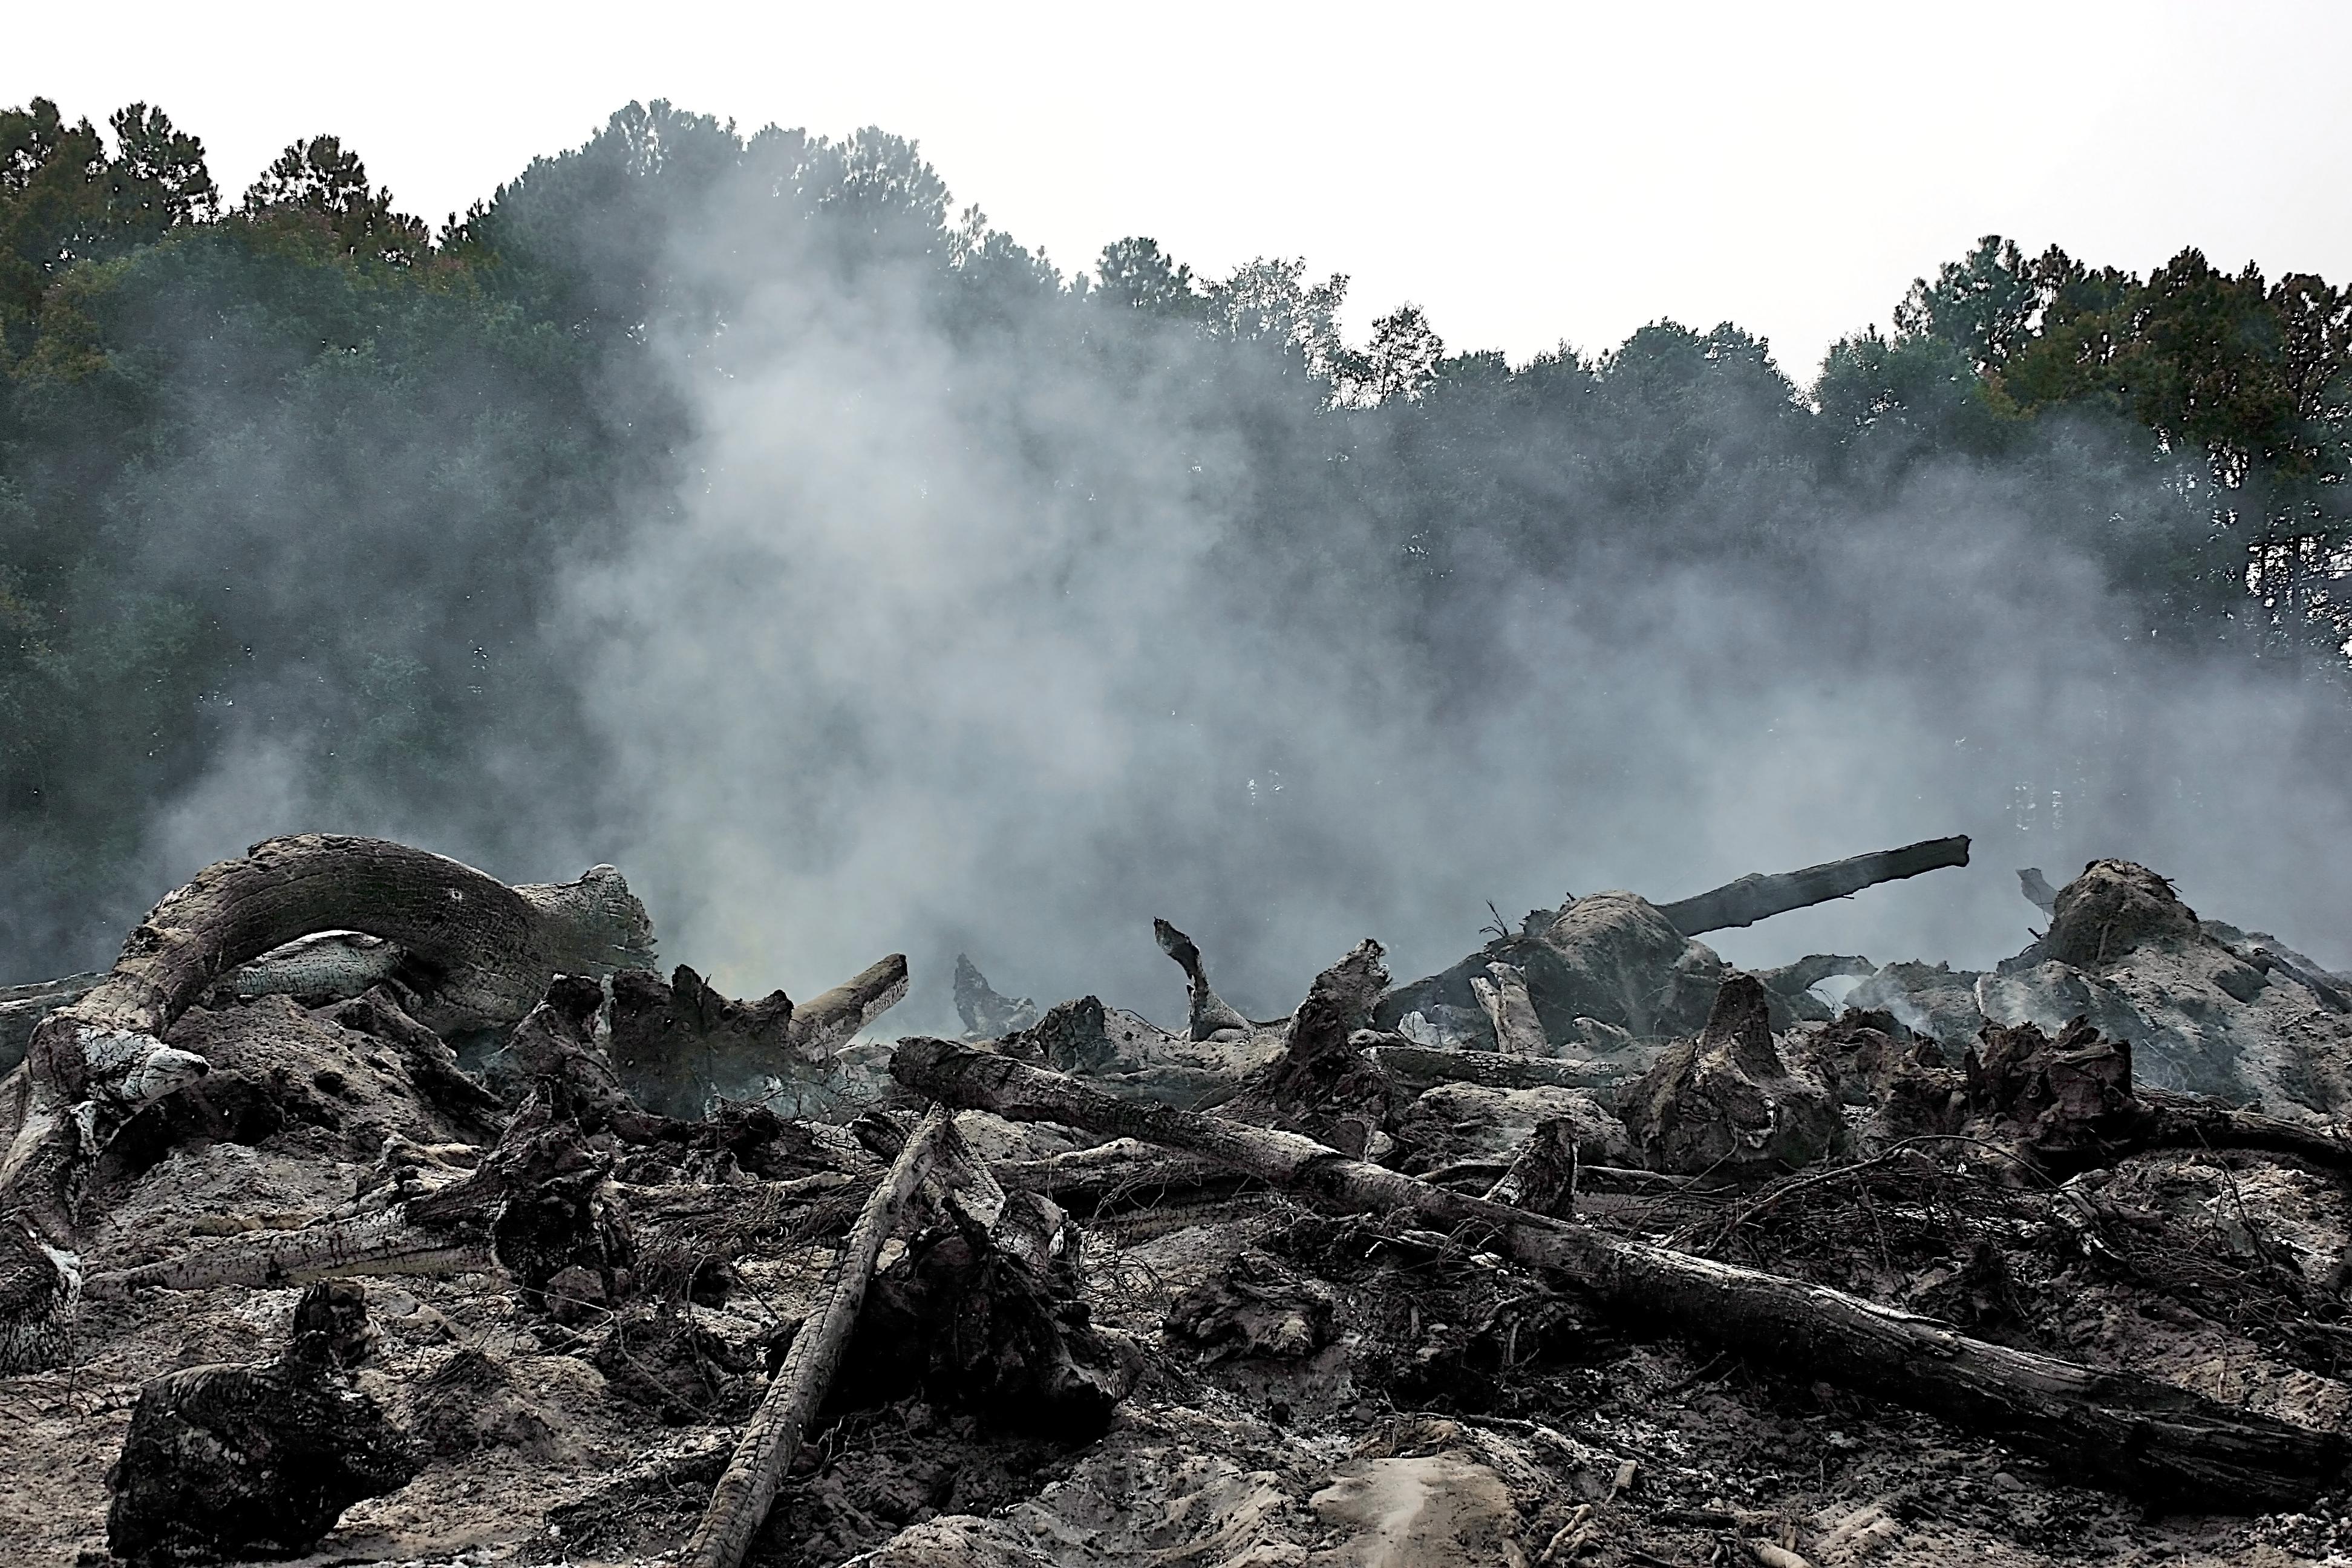 burning-pines-georgia